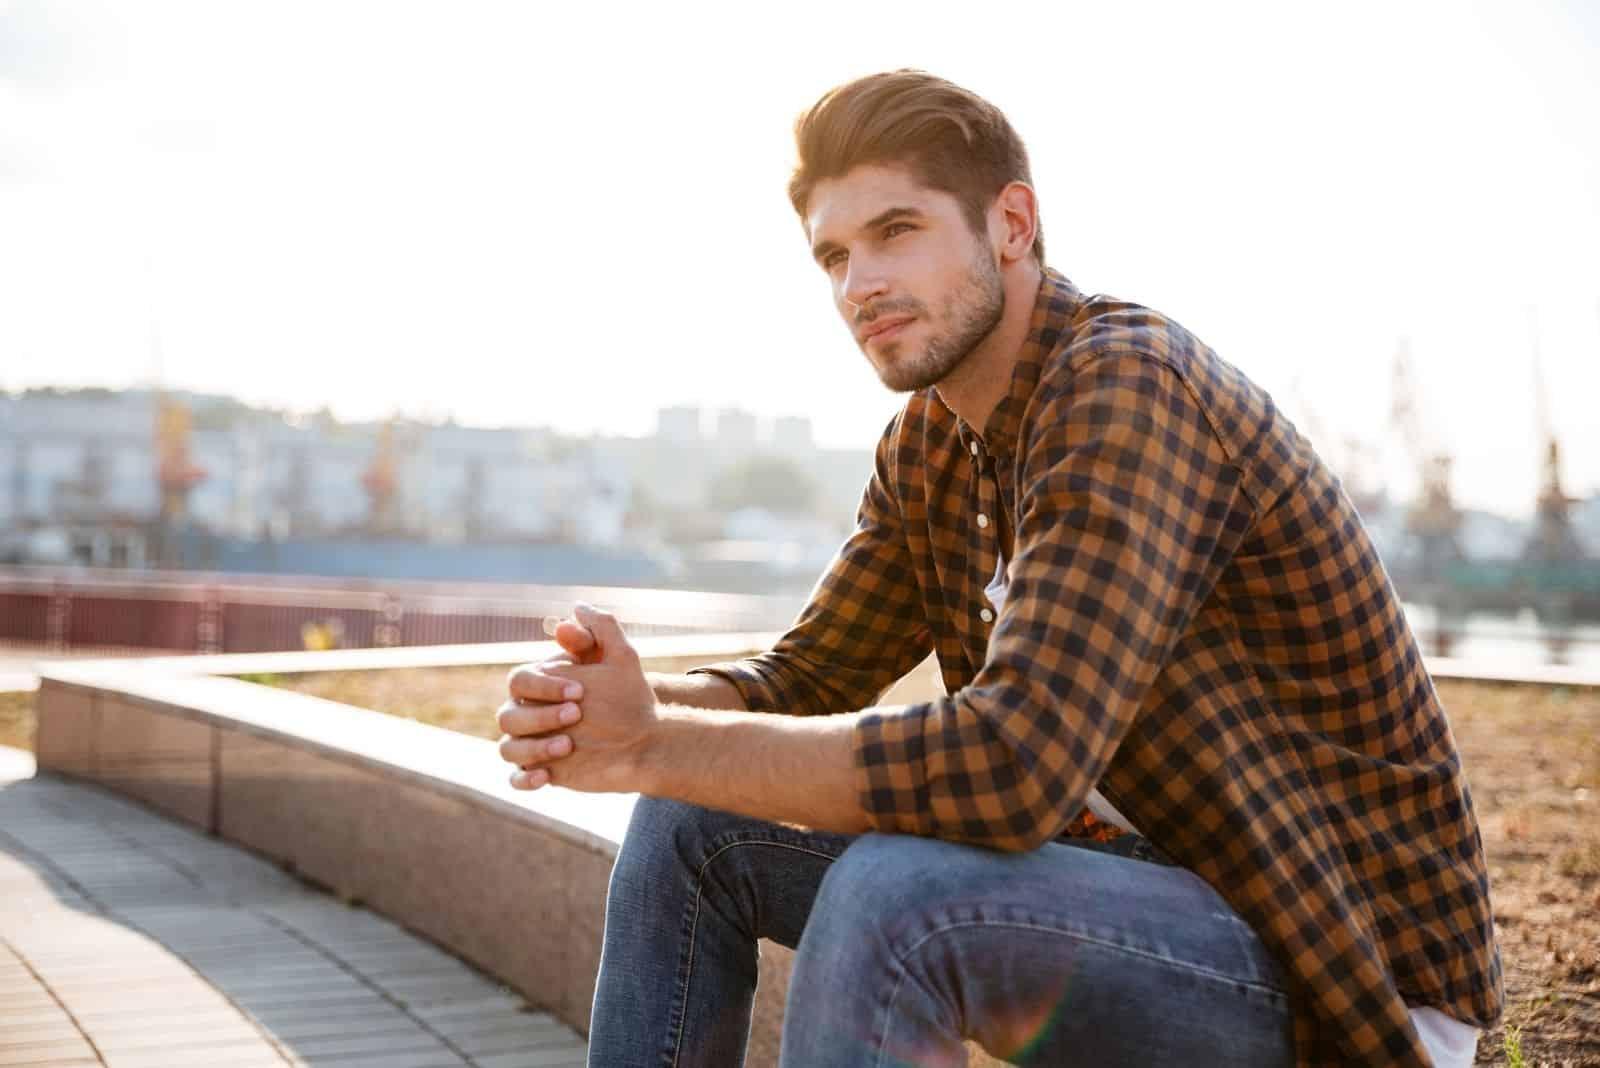 junger Mann denkt tief nach, während er auf der Straße sitzt